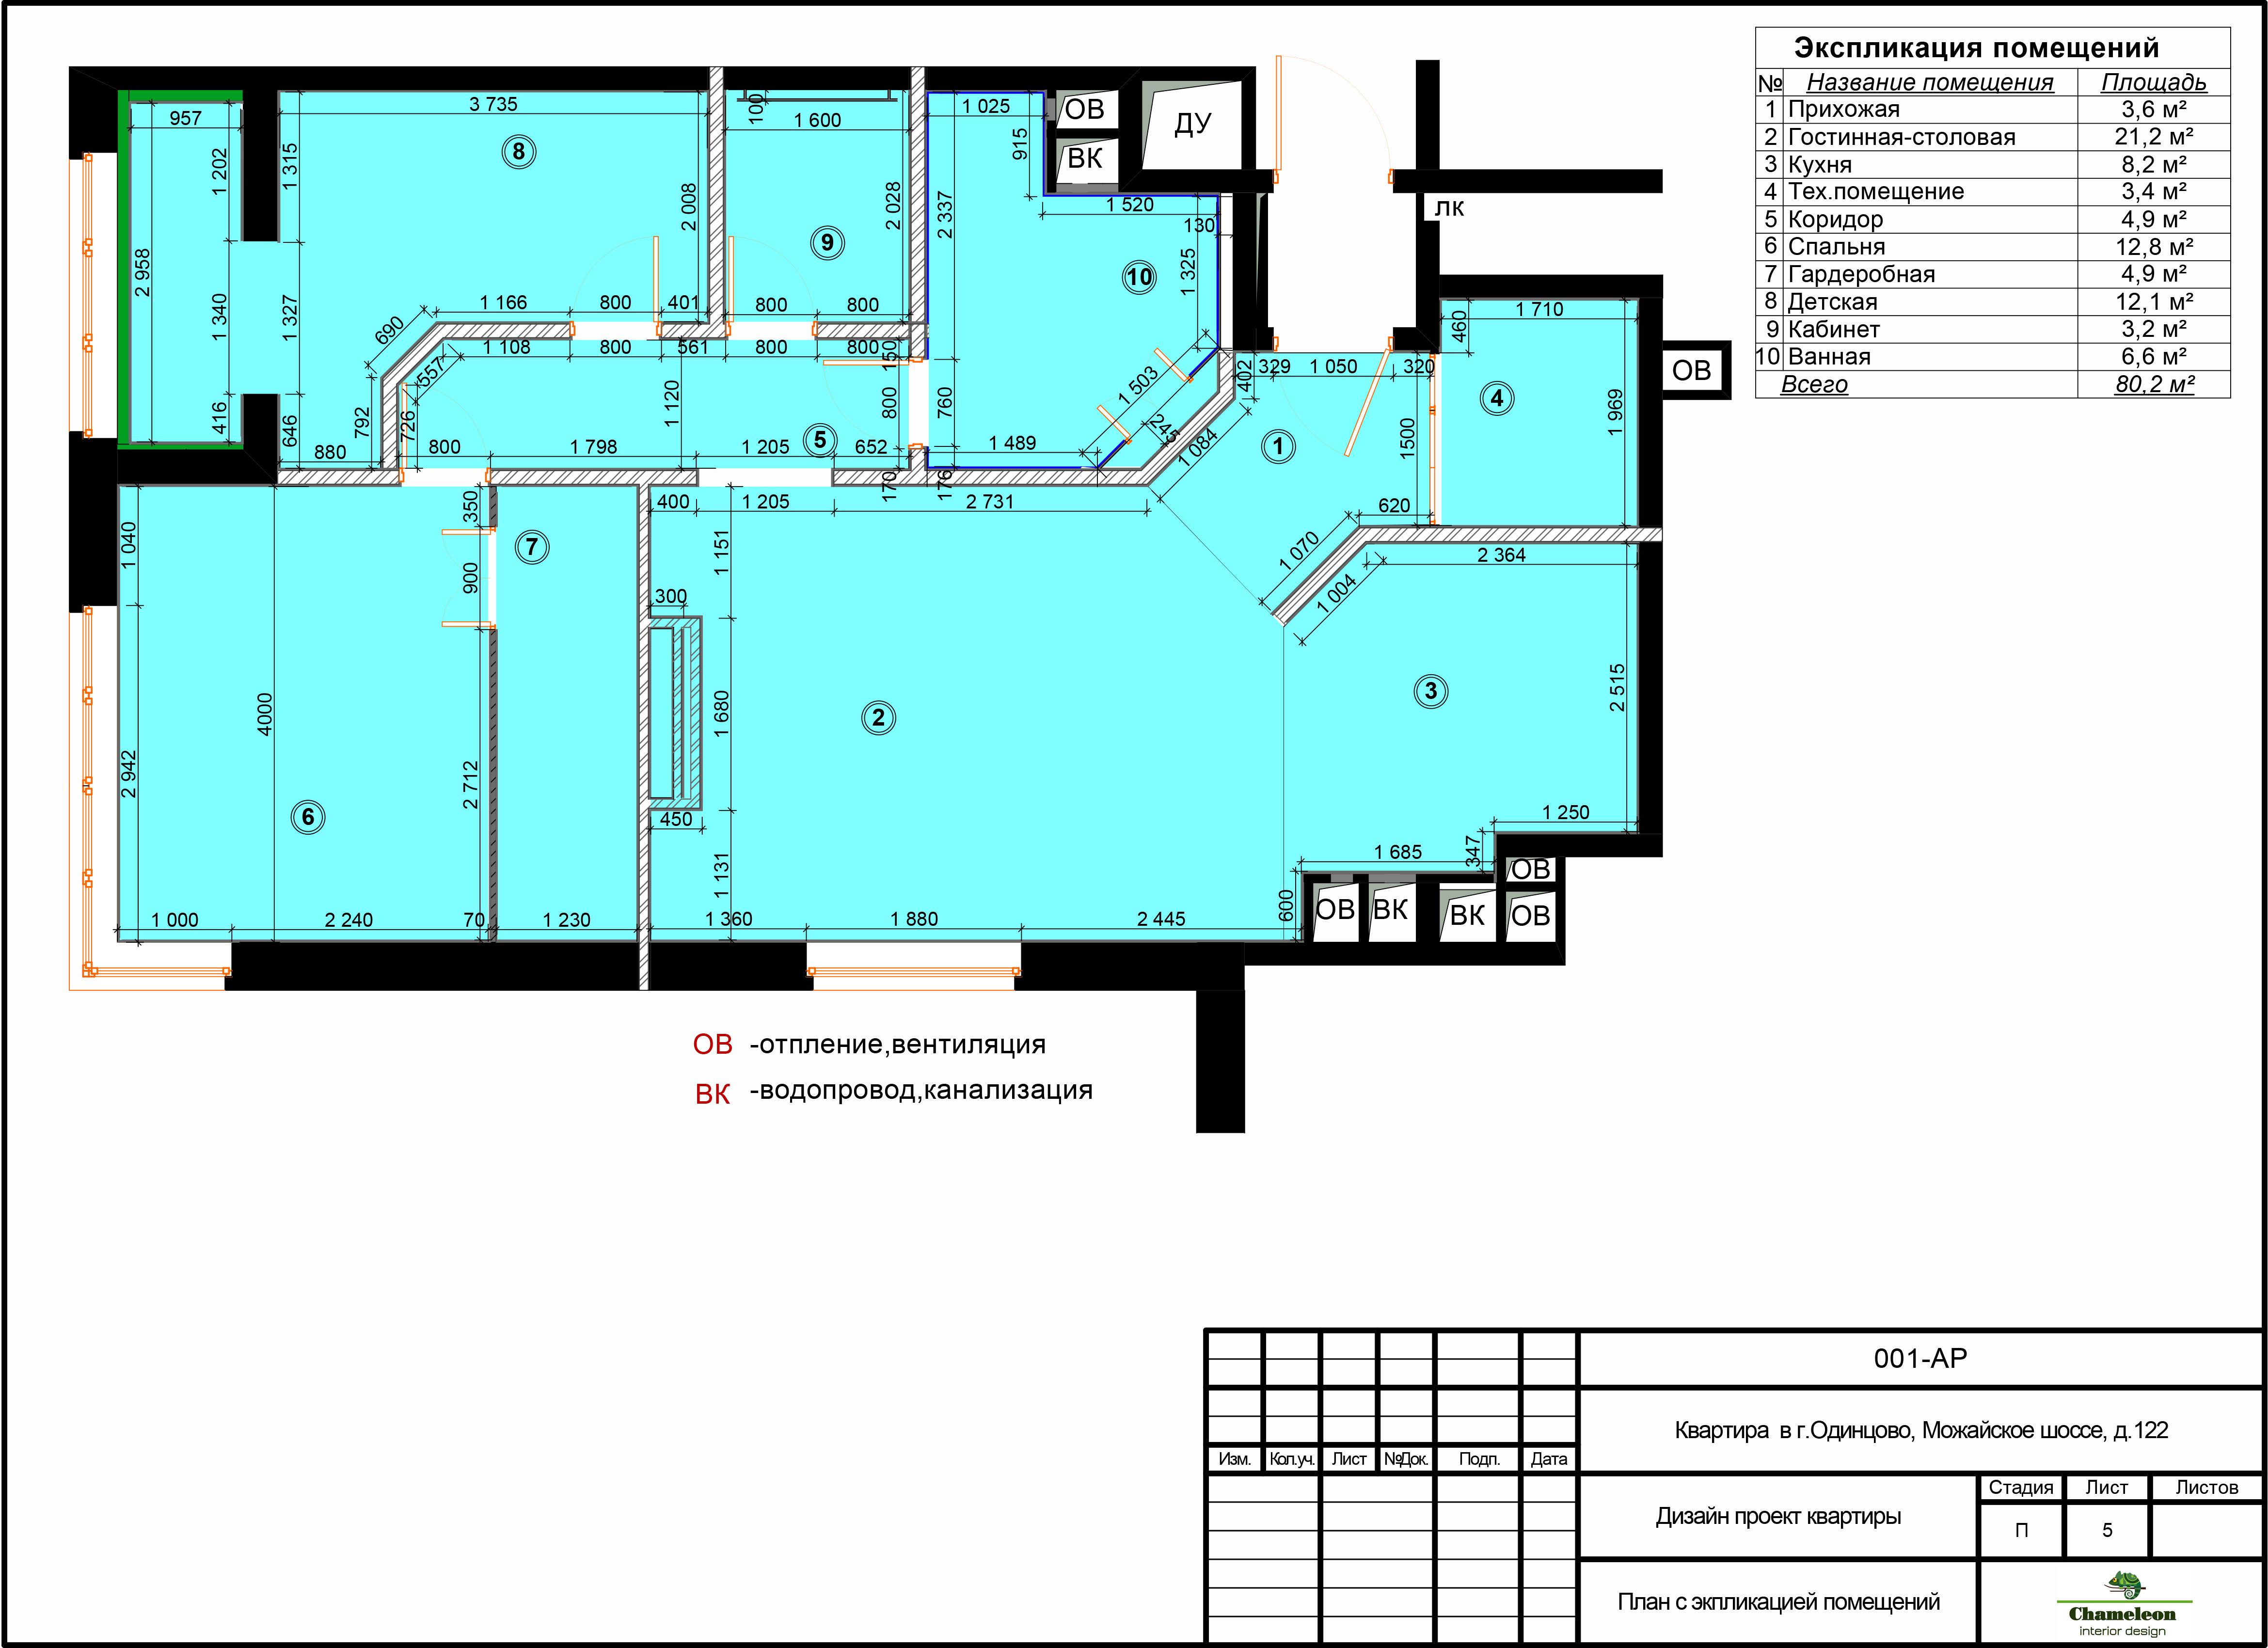 Пример чертежей /5 план с экспликацией помещений